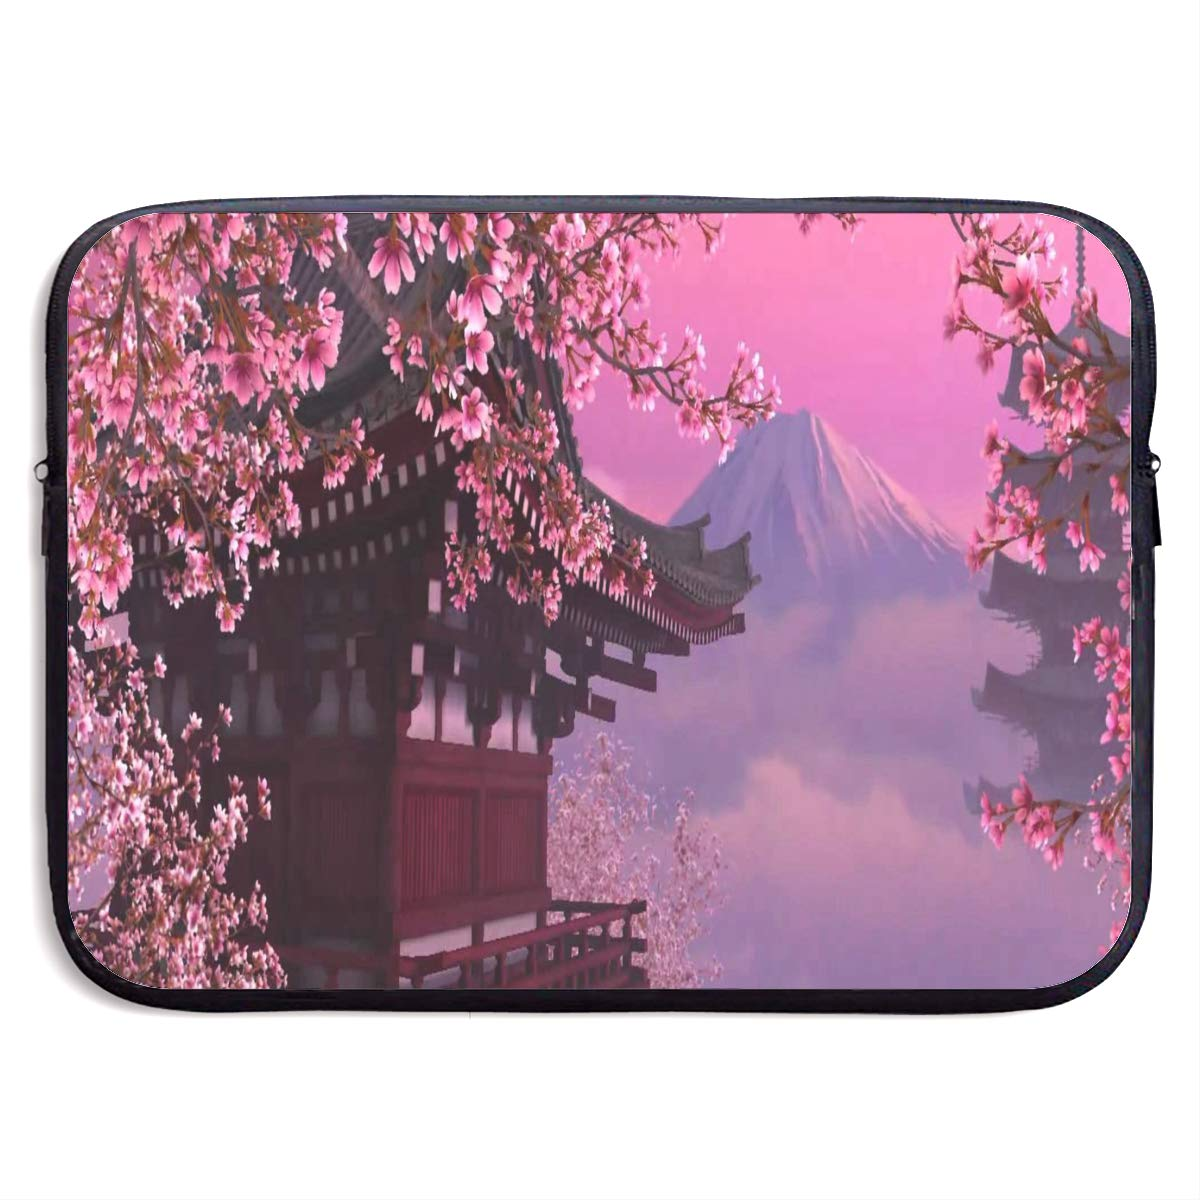 ノートパソコンバッグ Poppy-Flowers ユニークホットタブレットコンピューターバッグ 13インチまたは15インチのギフト用 15 Inch 15 Inch Color-04 B07KPX232Y